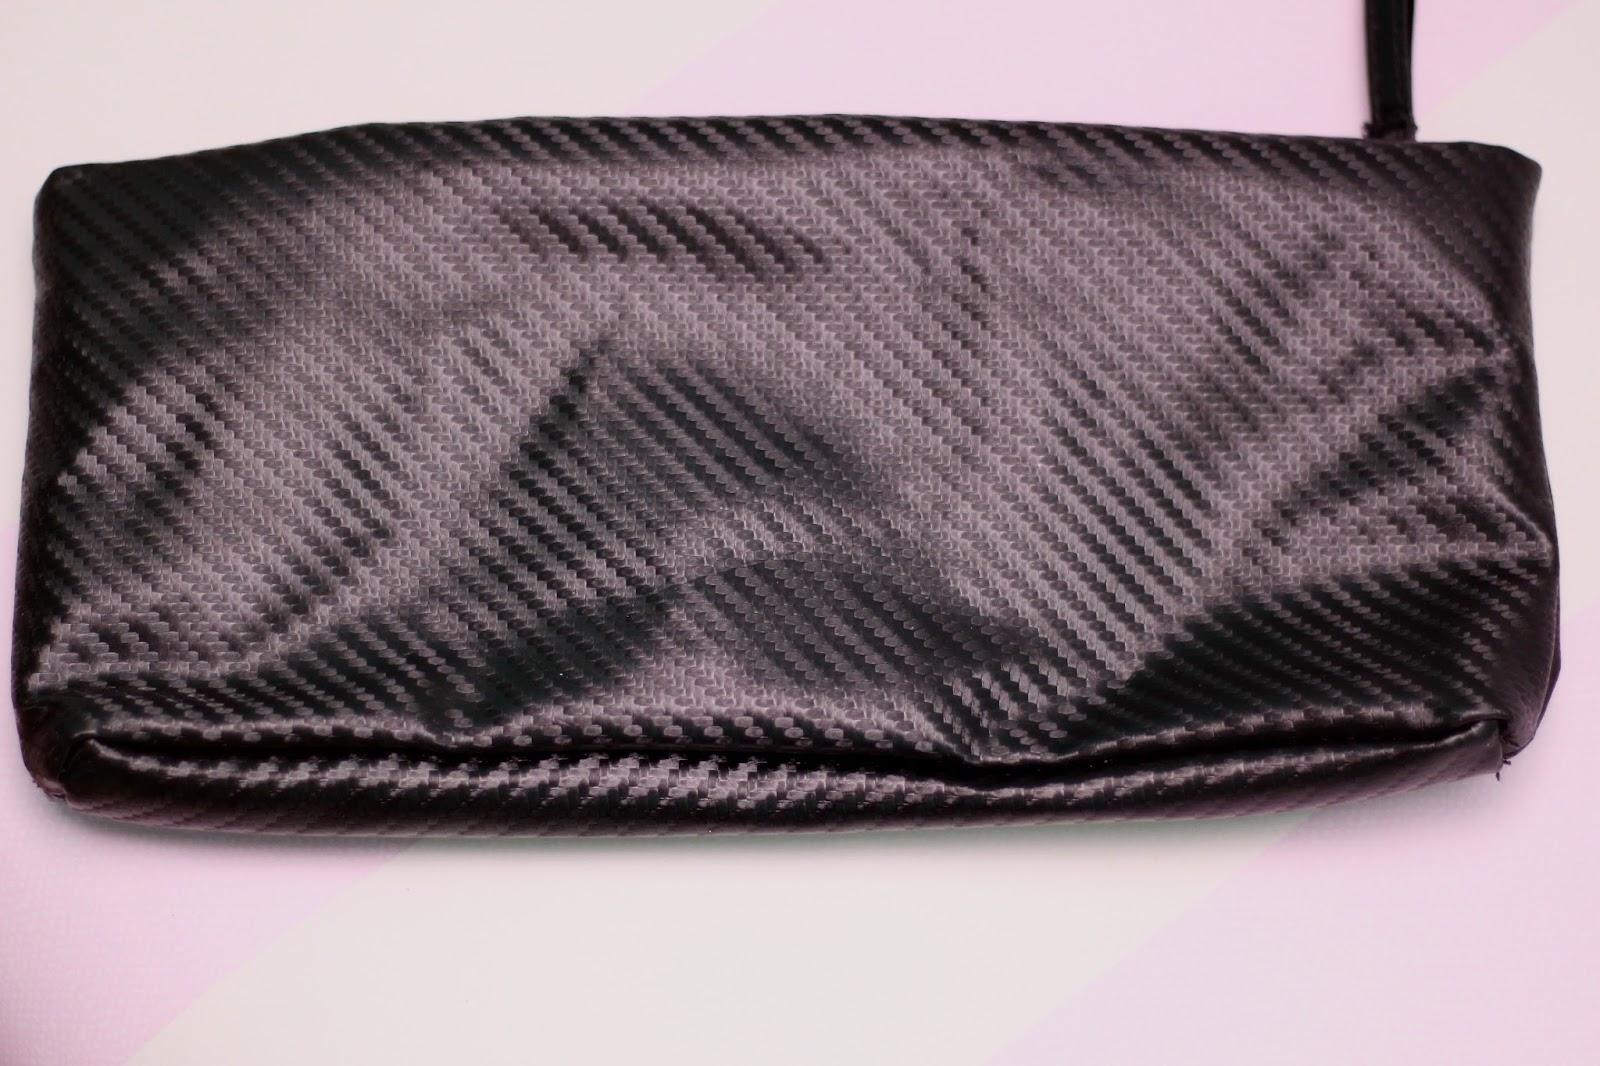 Cult Beauty Black Make Up Bag